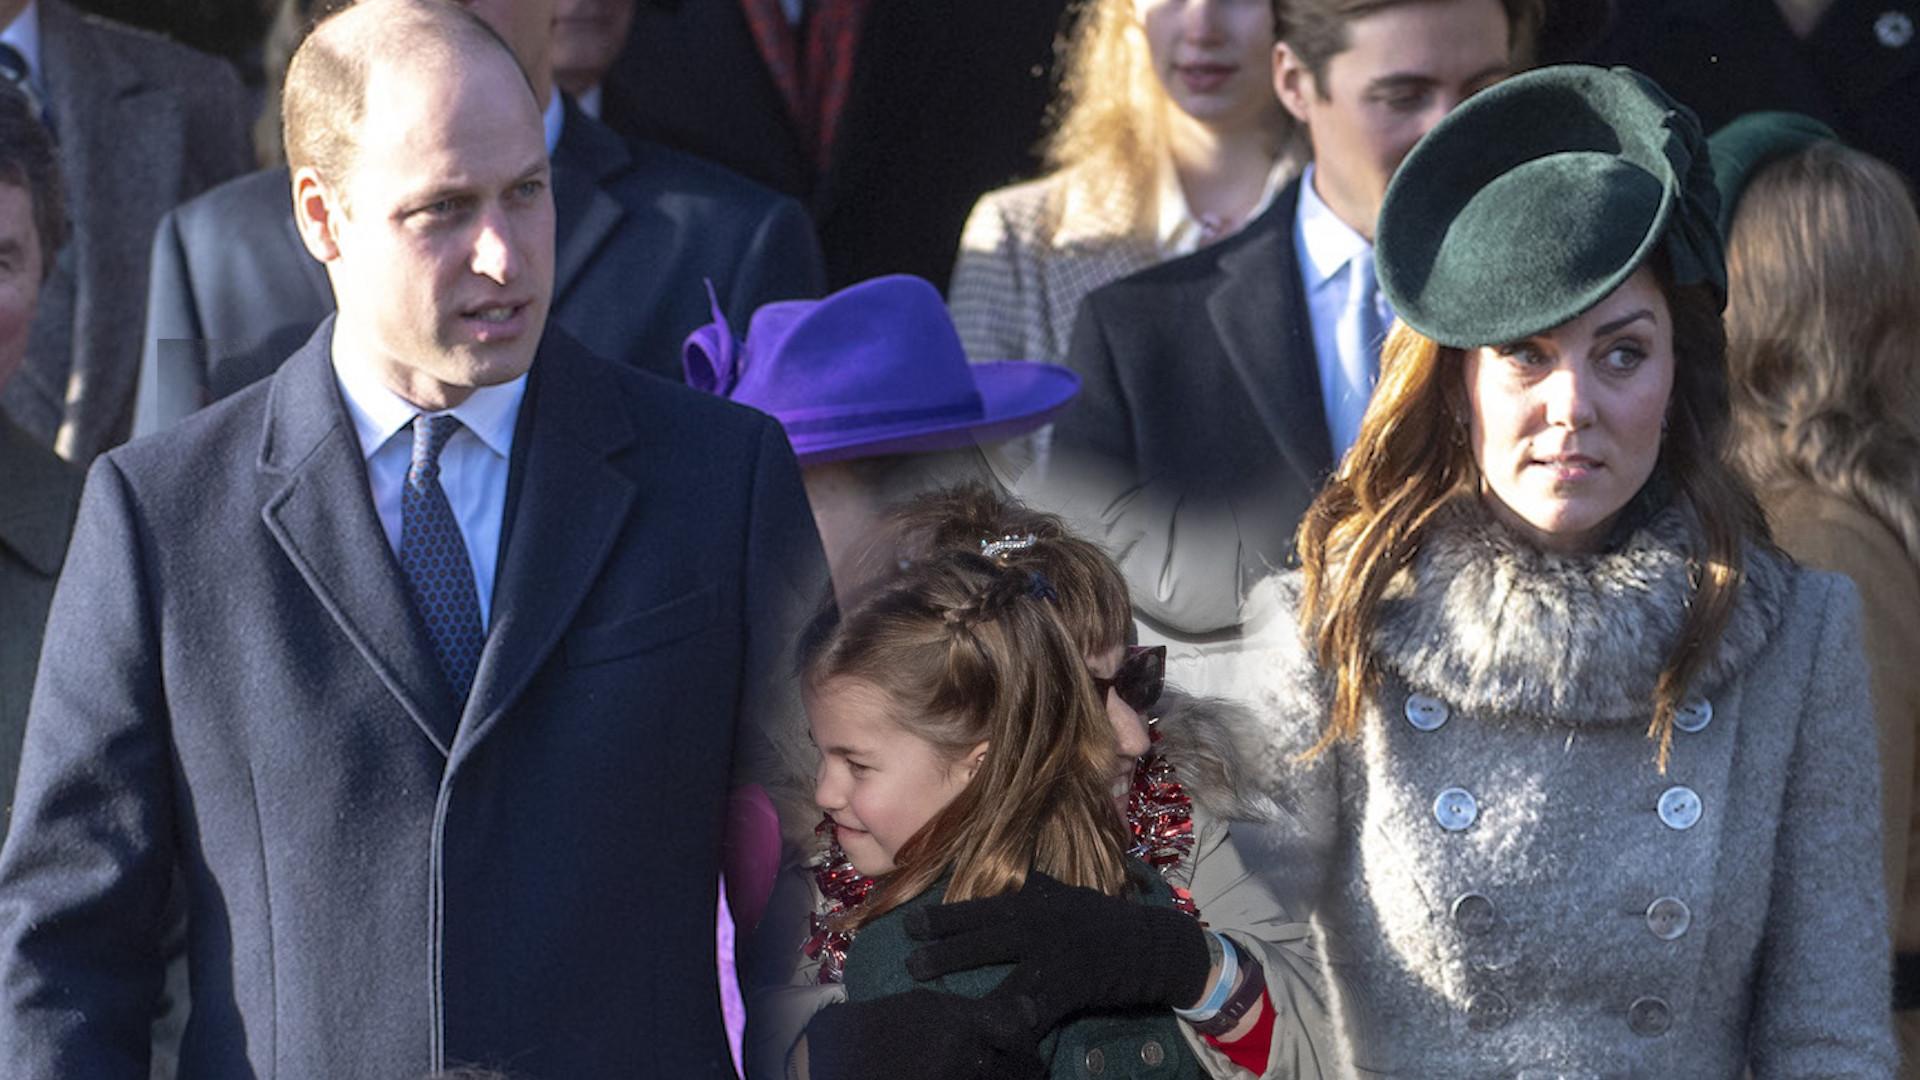 Debiut księżniczki Charlotte i księcia Georga w Boże Narodzenie. Nie obyło się bez małego incydentu(WIDEO)